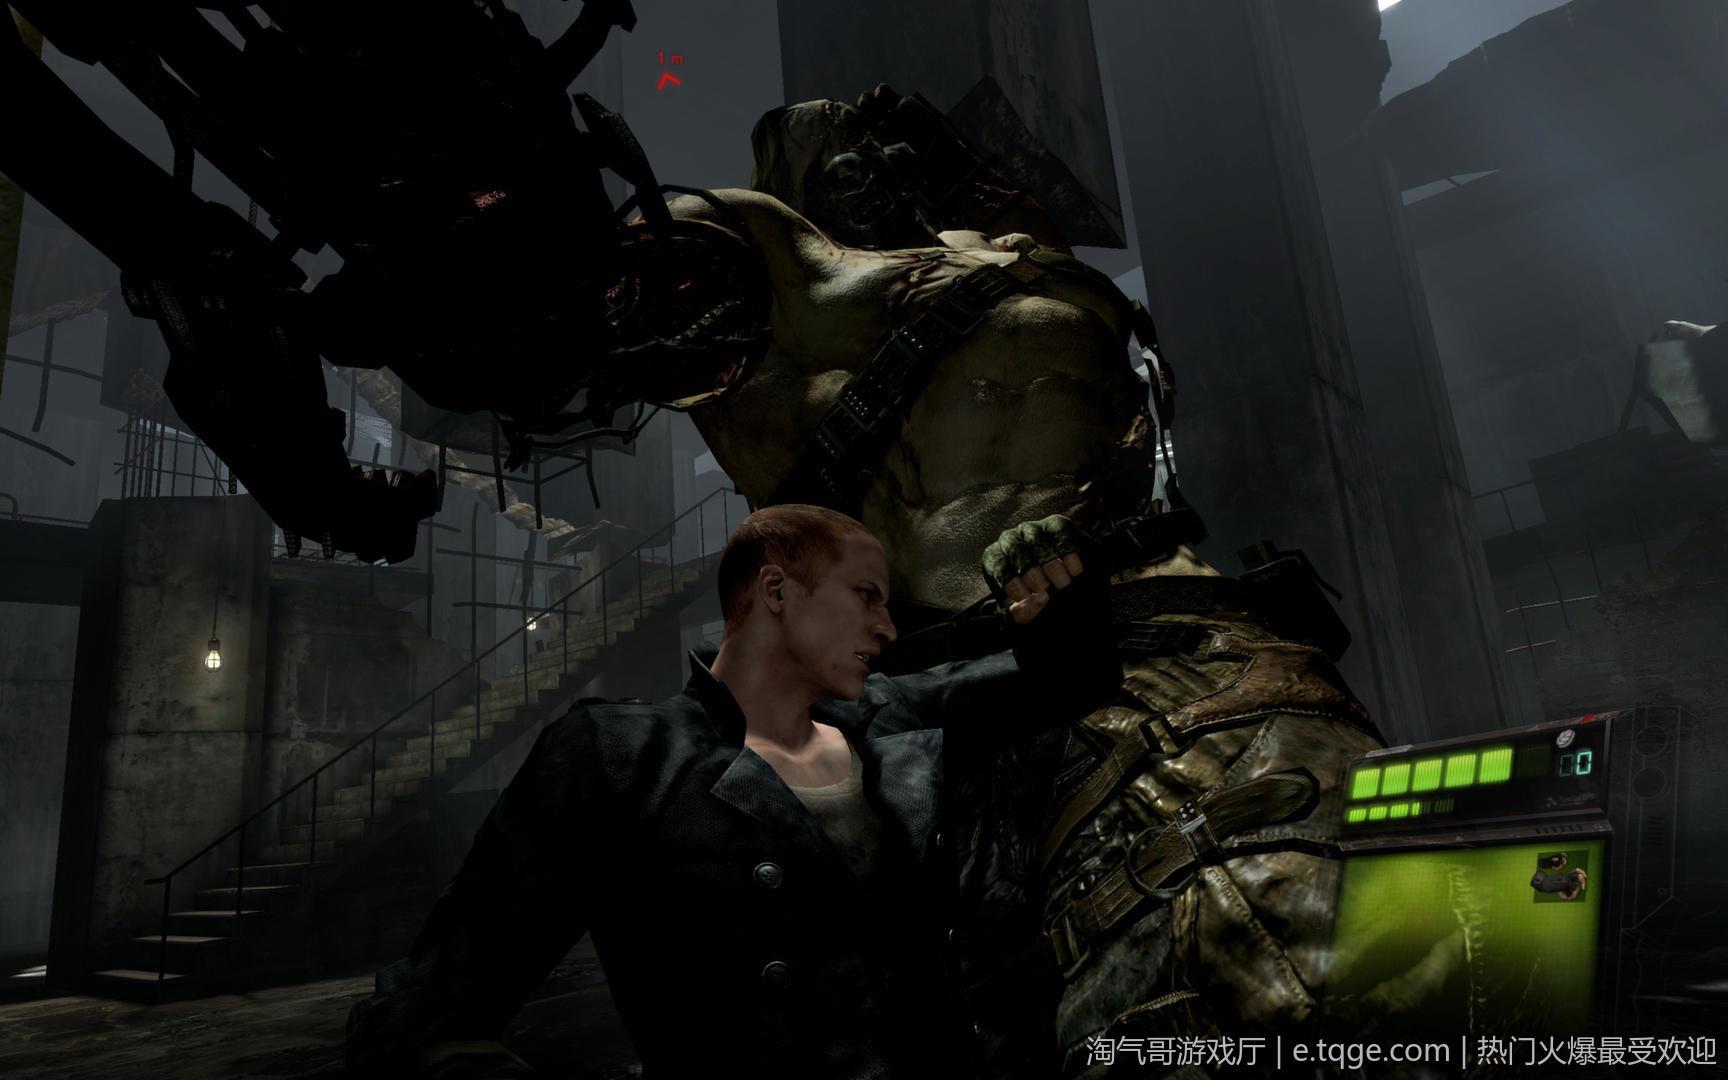 生化危机6特别版 射击游戏 第4张